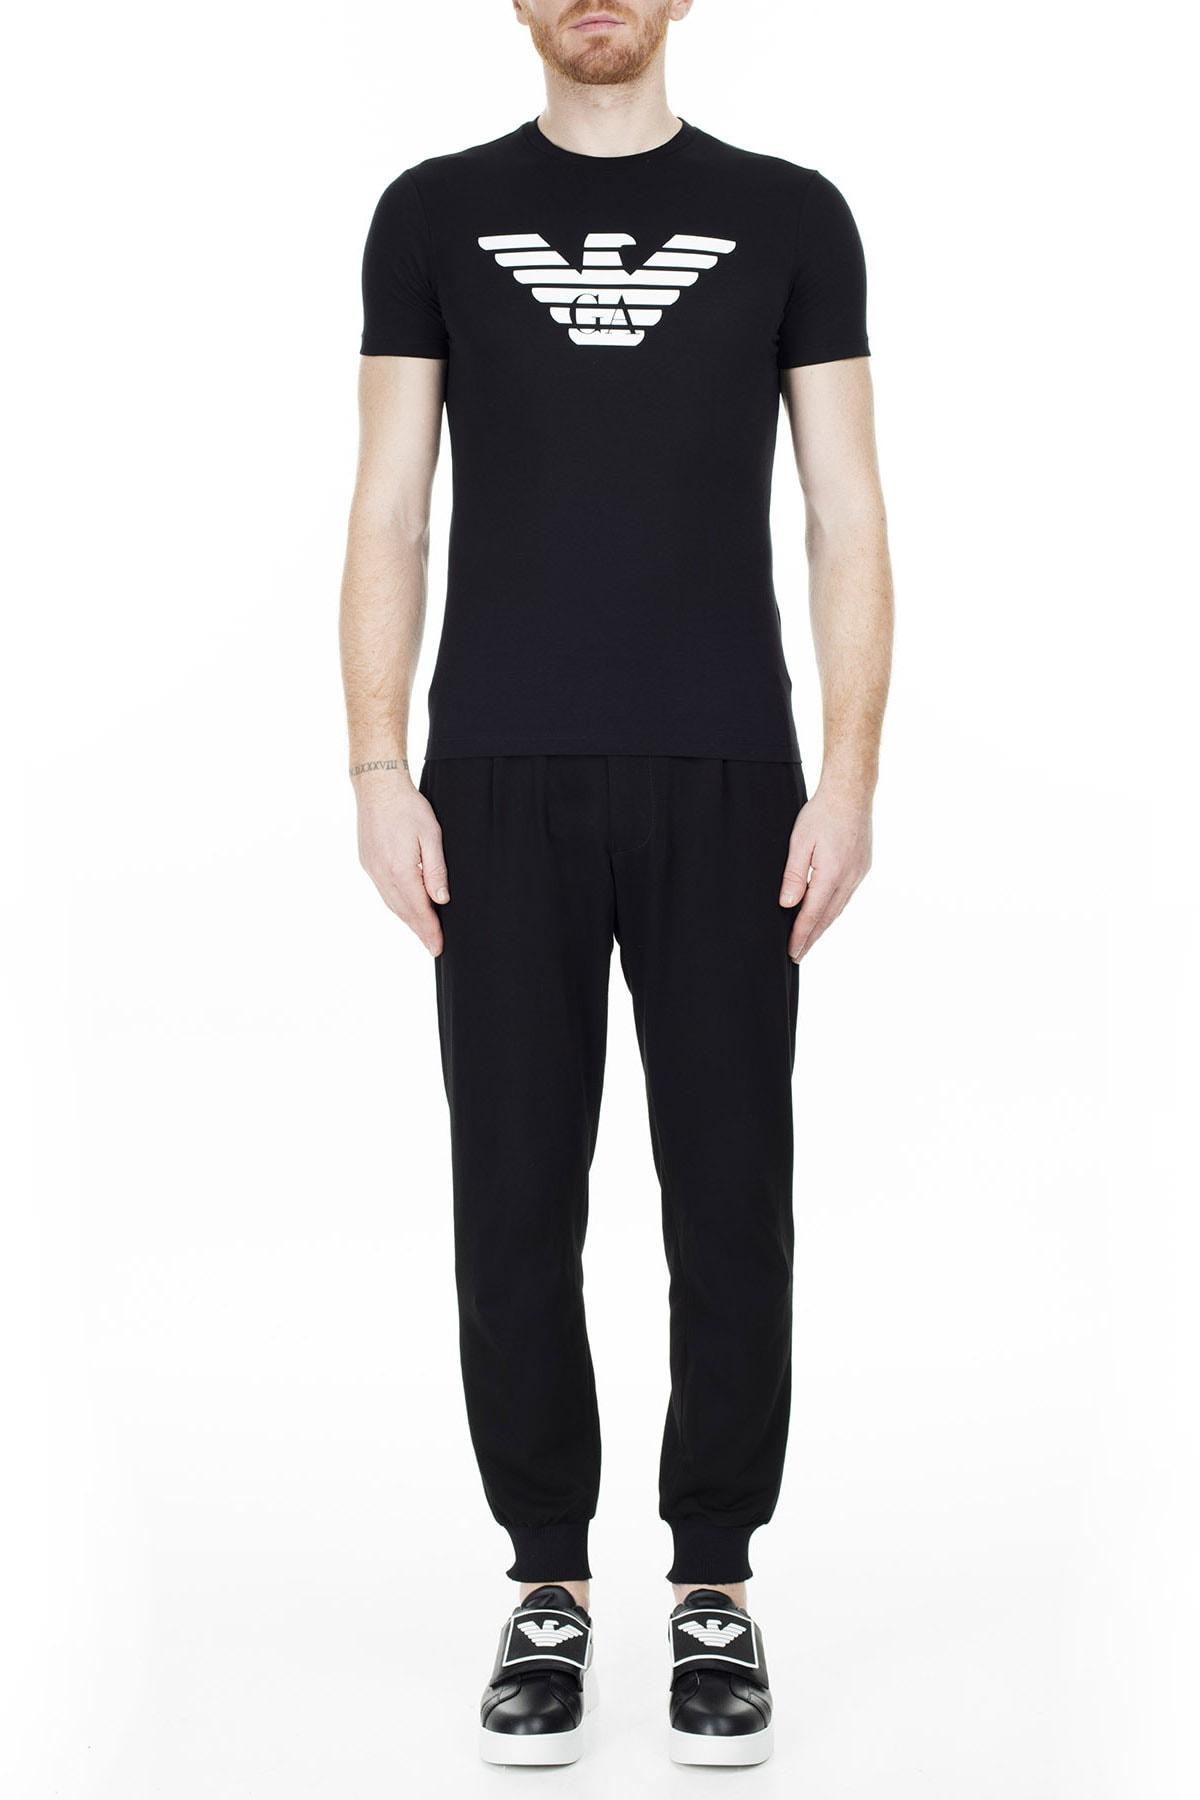 Emporio Armani Siyah Erkek T-Shirt 8N1T99 1JNQZ 0999 4